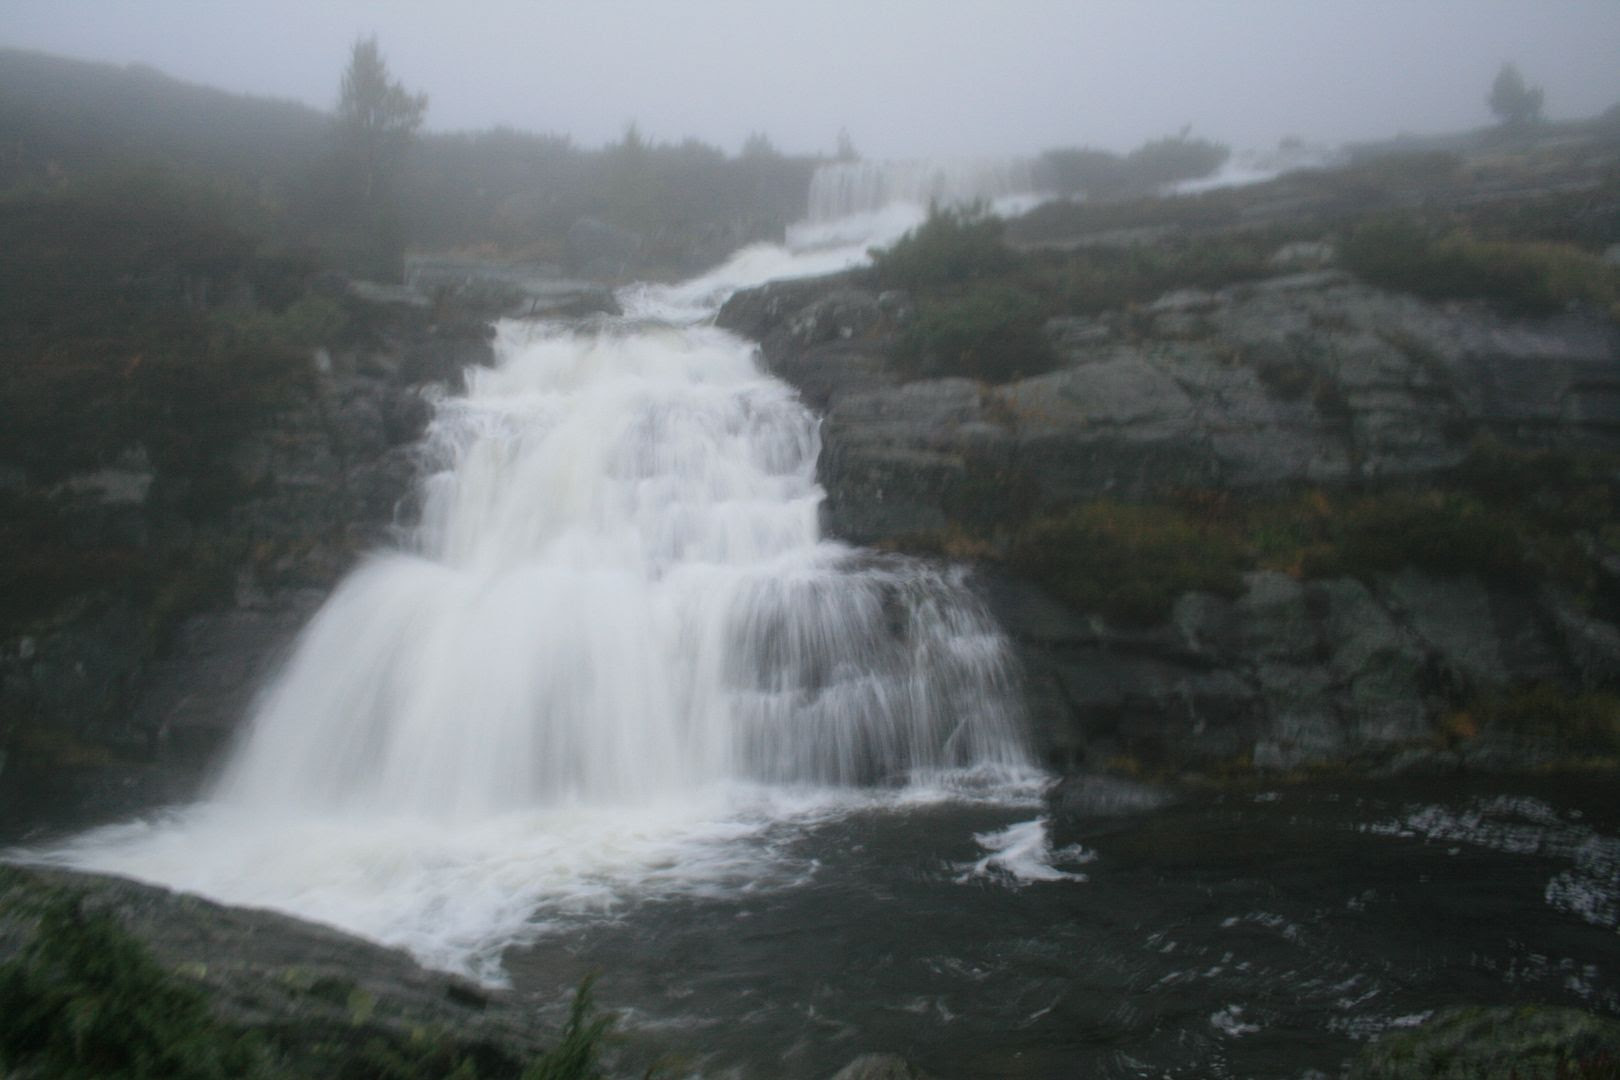 Den nydelige fossen på Hovlandsstølen - dårlig og uklart bilde pga regn, fukt og dogg